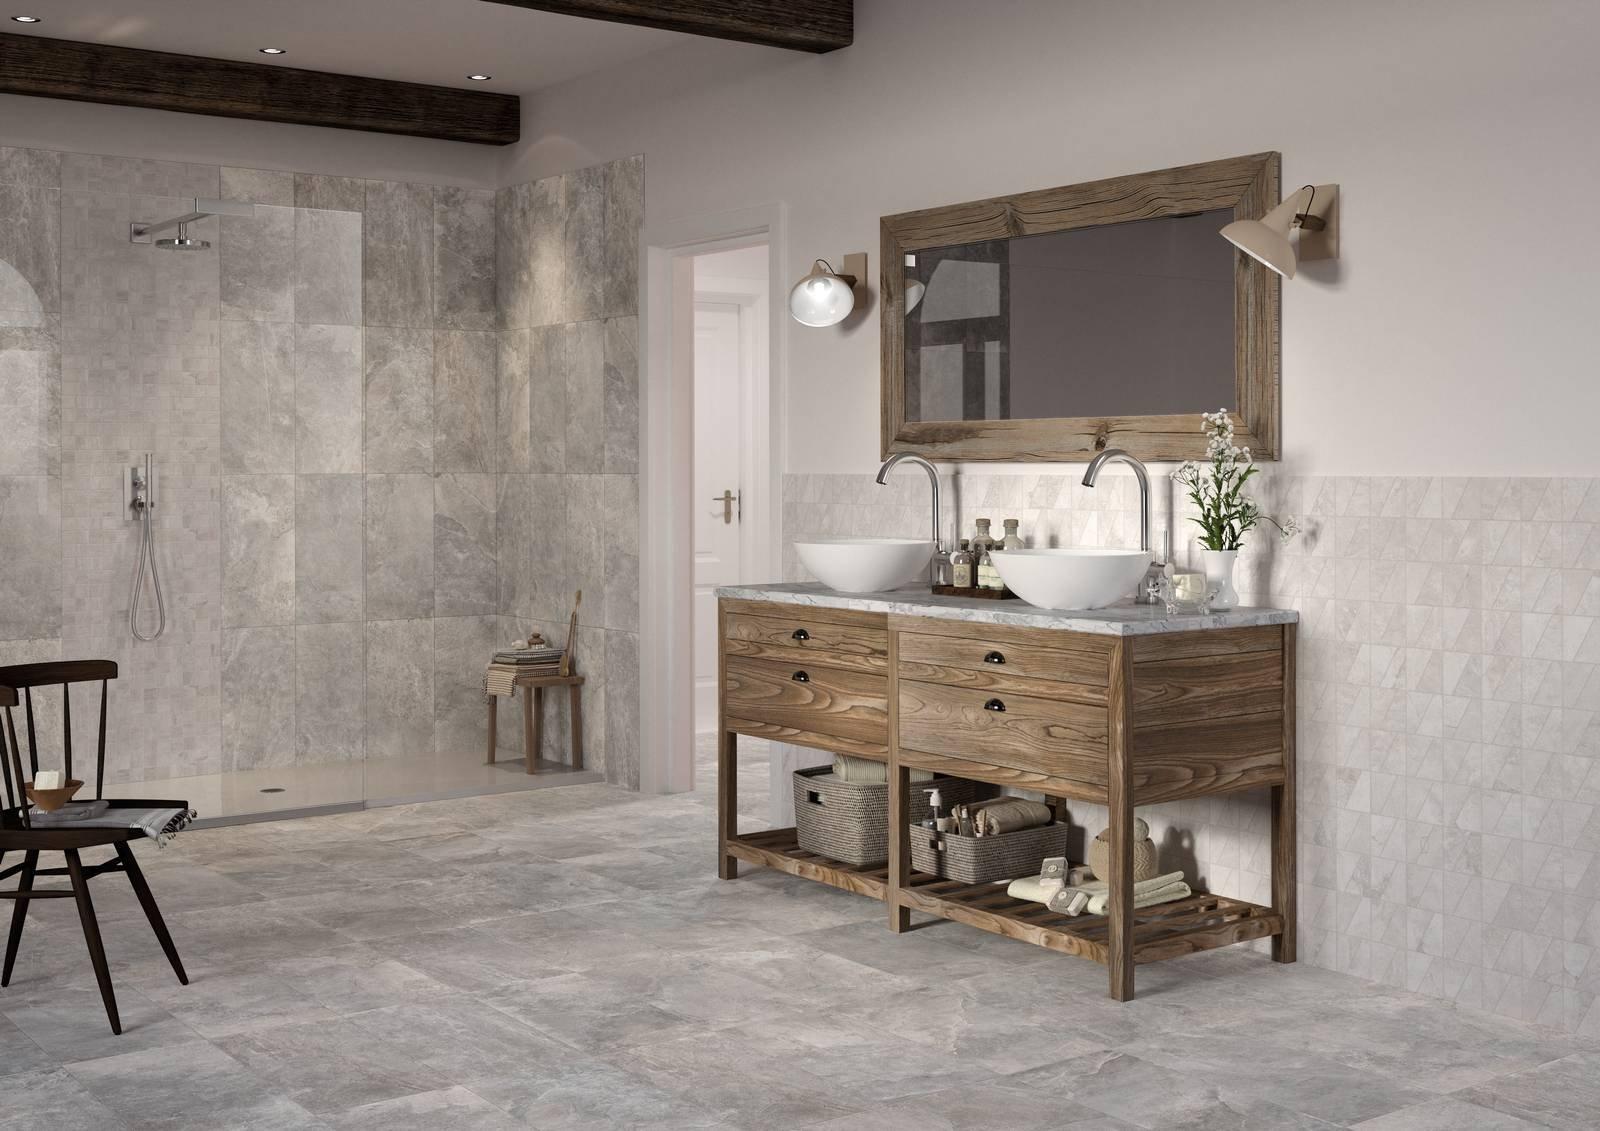 Piastrelle un bagno di stile con le collezioni - Stuccare piastrelle bagno ...